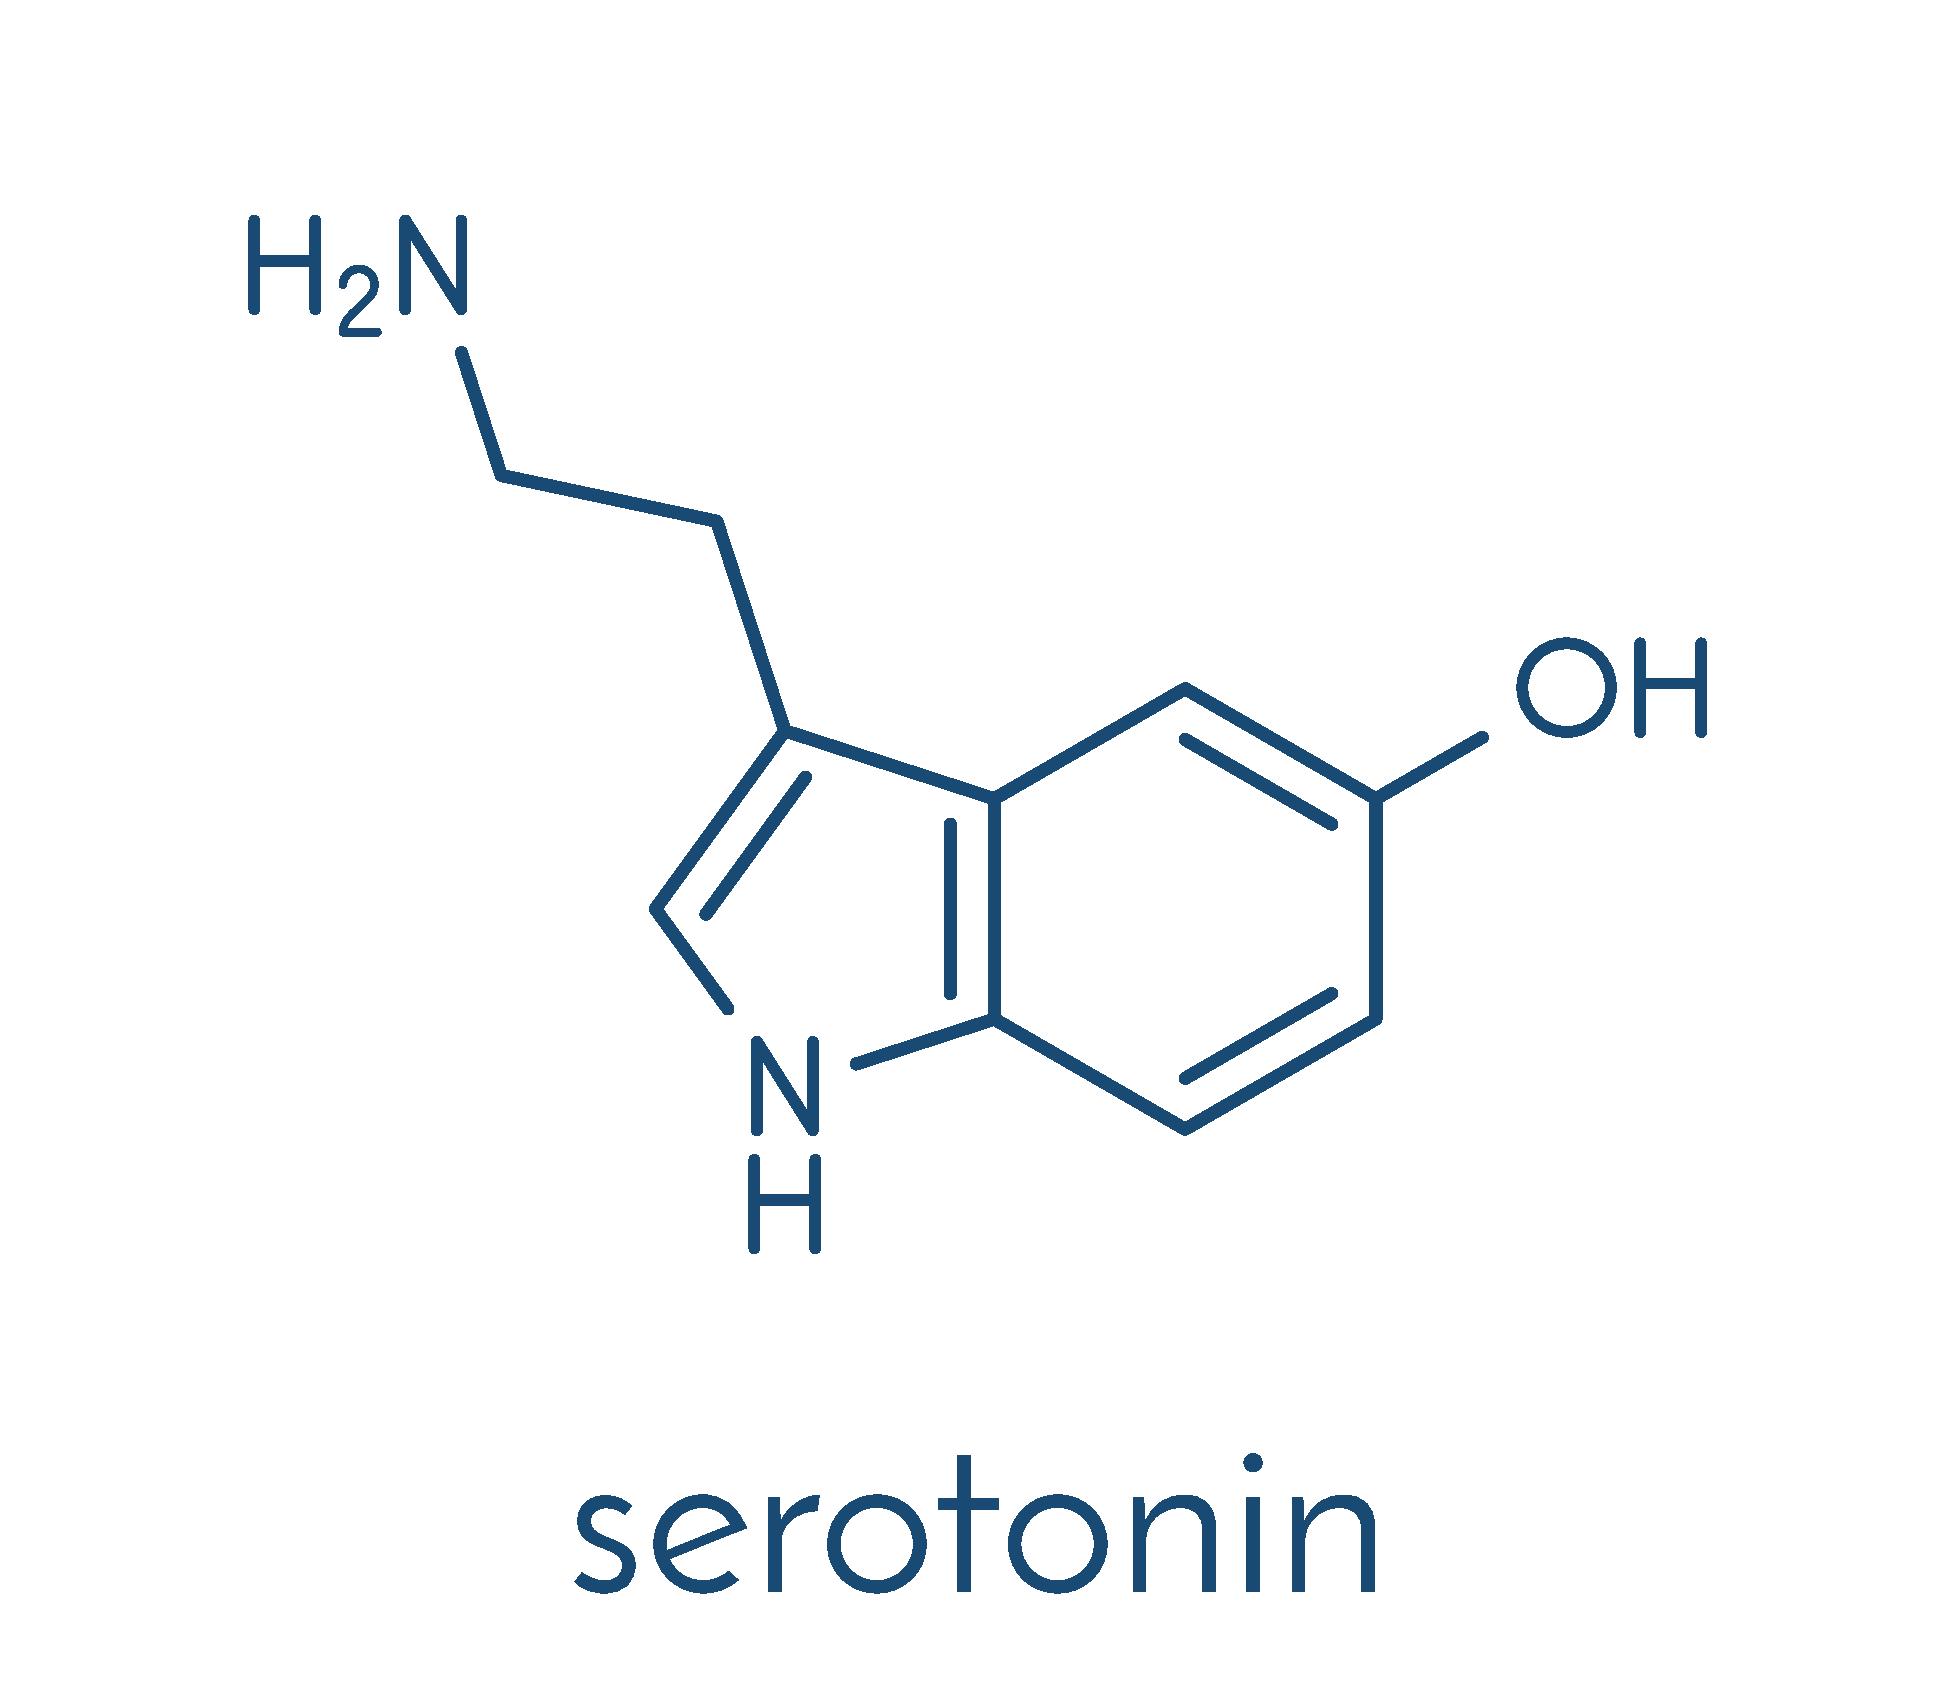 Die Funktionen von Serotonin sind vielfältig, hier ein kleiner Auszug davon: Herz-Kreislauf-System - Blutdruck, Gefäßmuskulatur Blutgerinnung Magen-Darm-System - Übelkeit, Erbrechen, Peristaltik Zentrales Nervensystem - Schlaf, Körpertemperatur, Schmerzempfindung, Schmerzverarbeitung Stimmungslage Appetit